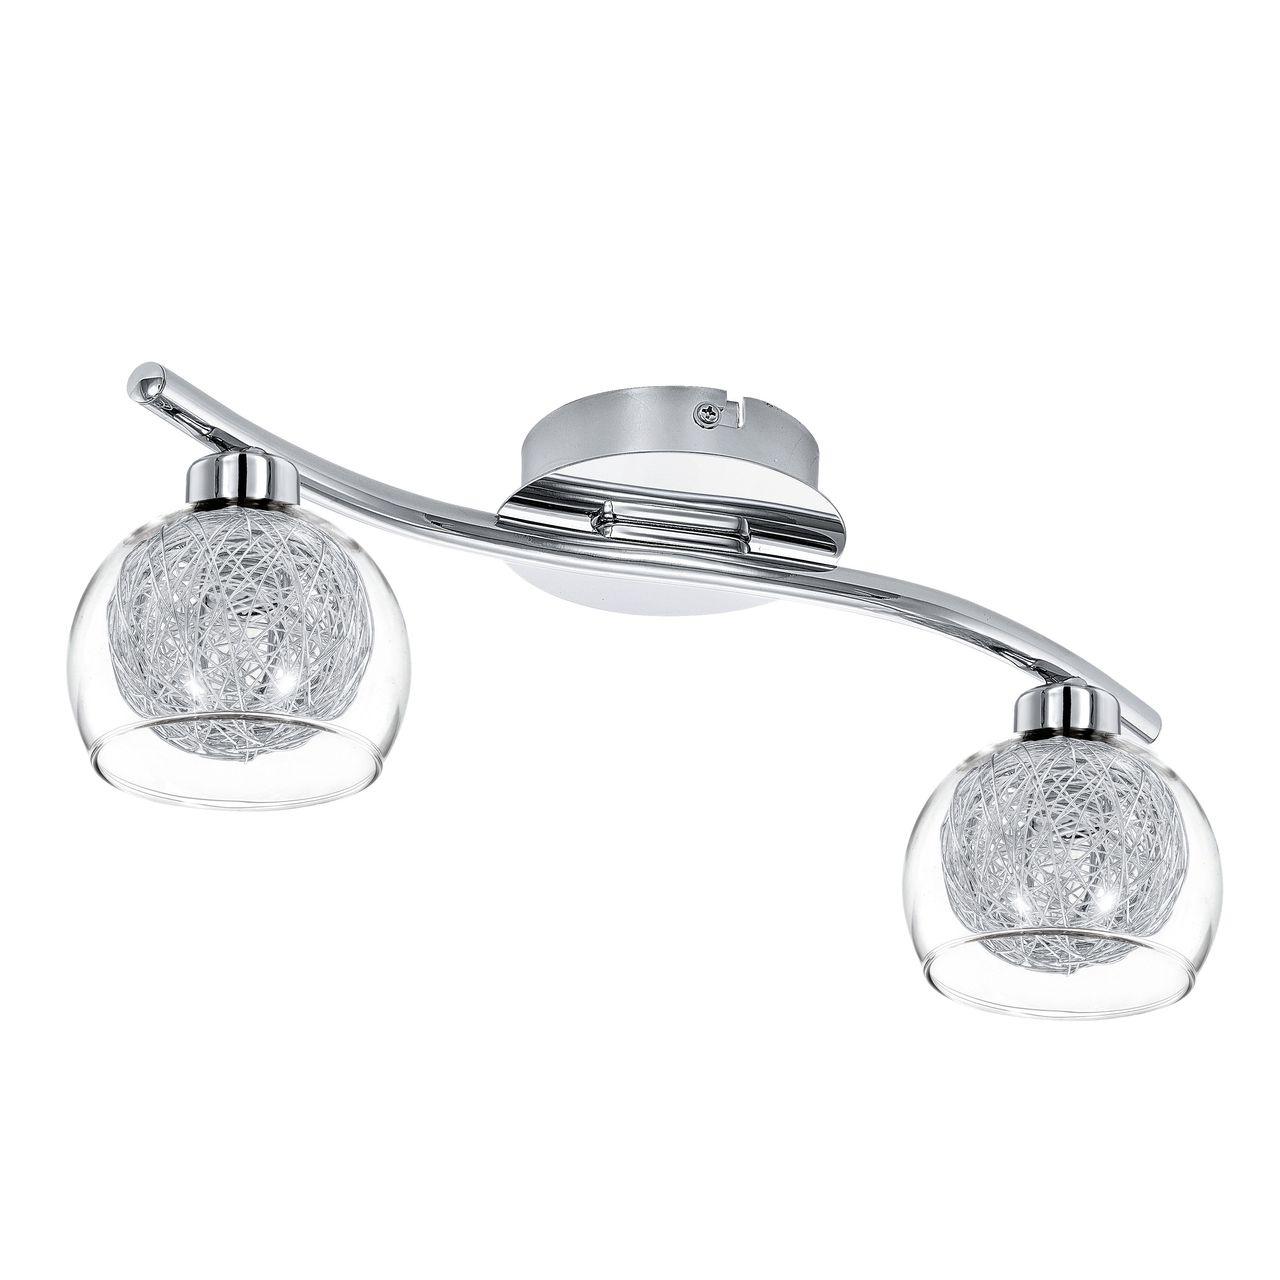 Потолочный светильник Eglo Oviedo 1 93067 eglo спот oviedo 1 1x33w g9 ip20